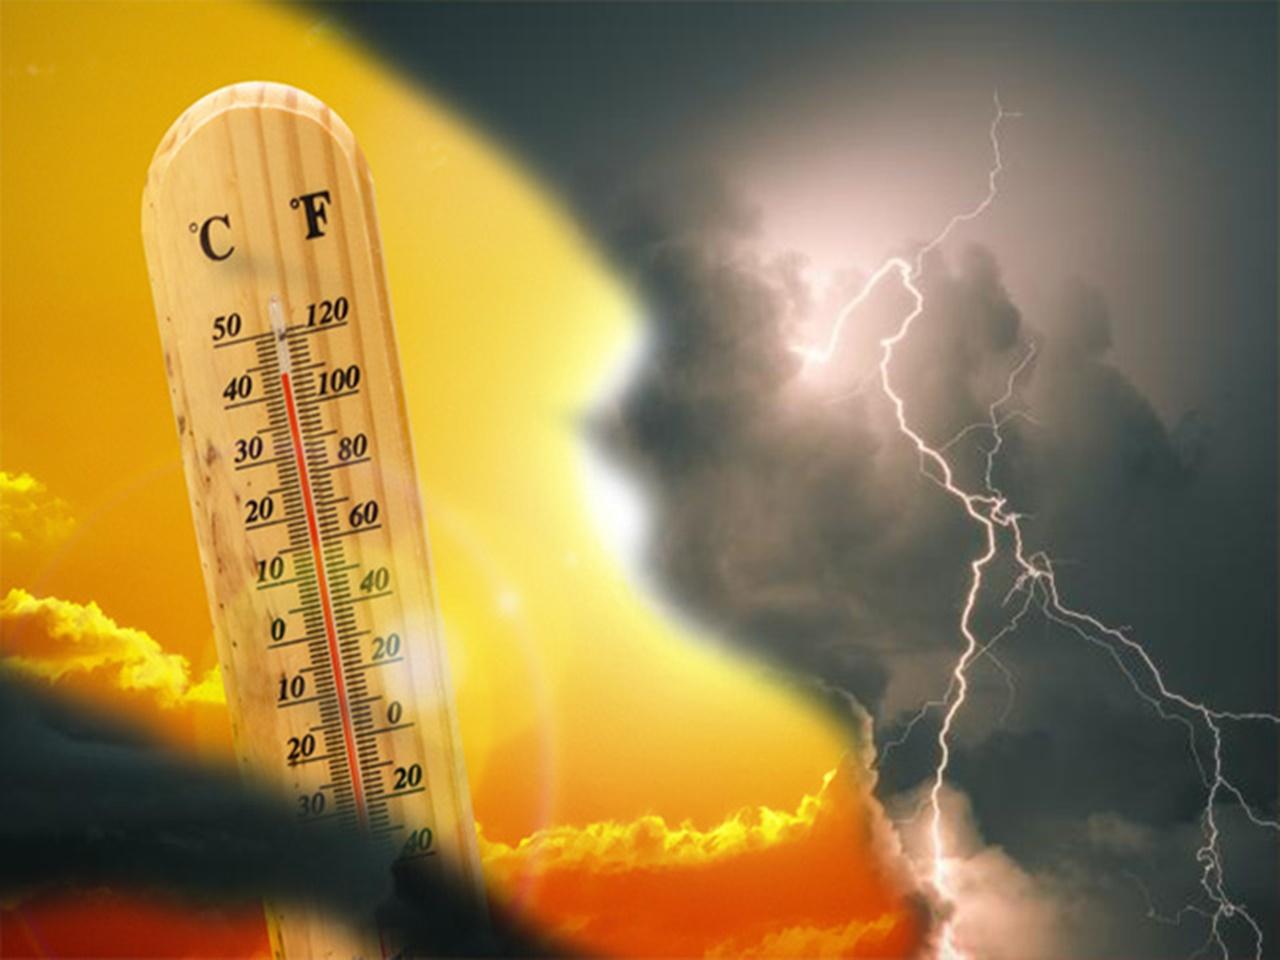 Meteo: tra schiarite, acquazzoni e temporali, le previsioni per le prossime ore